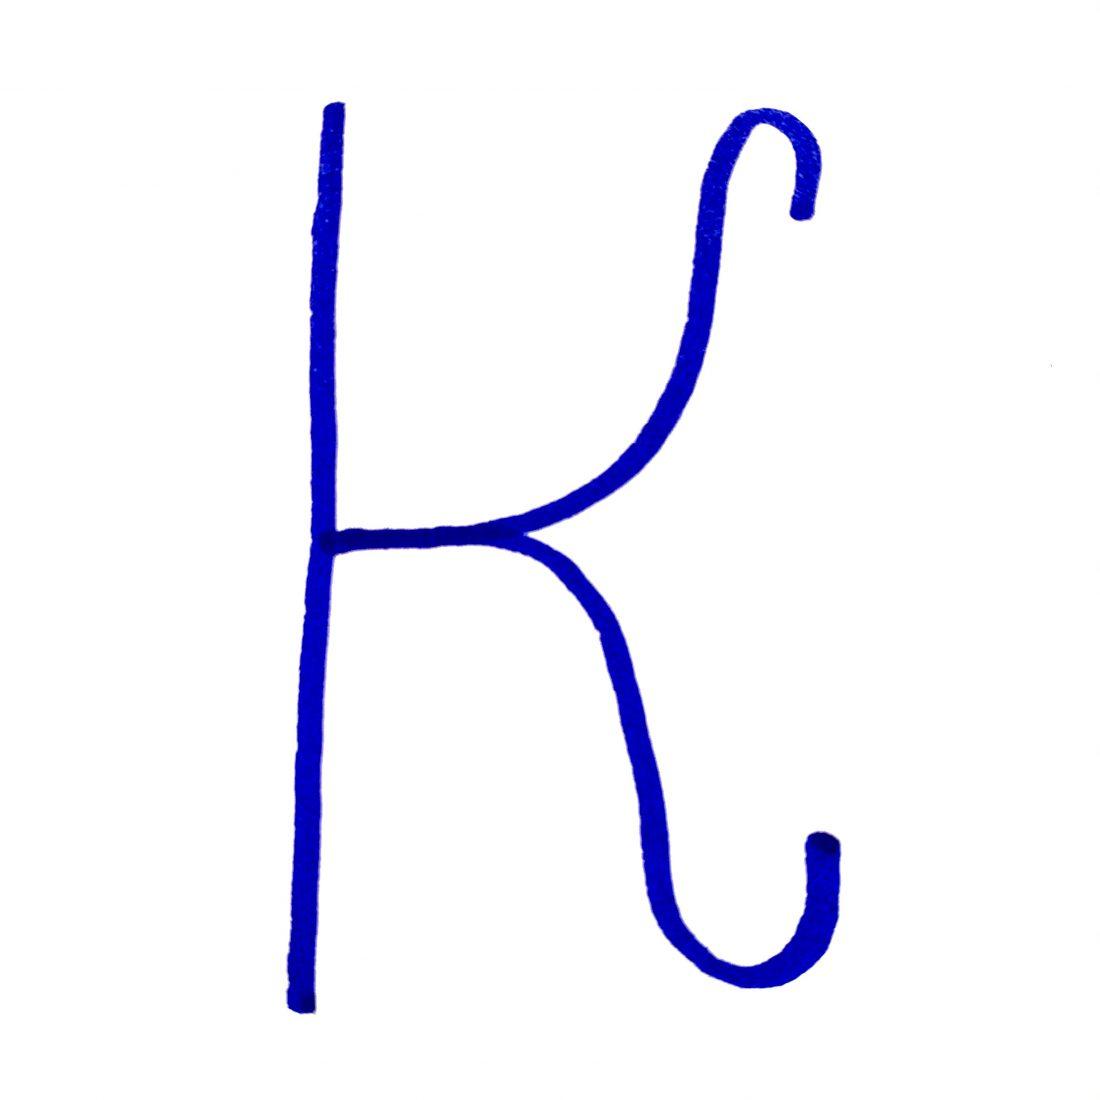 Handwritten letter K